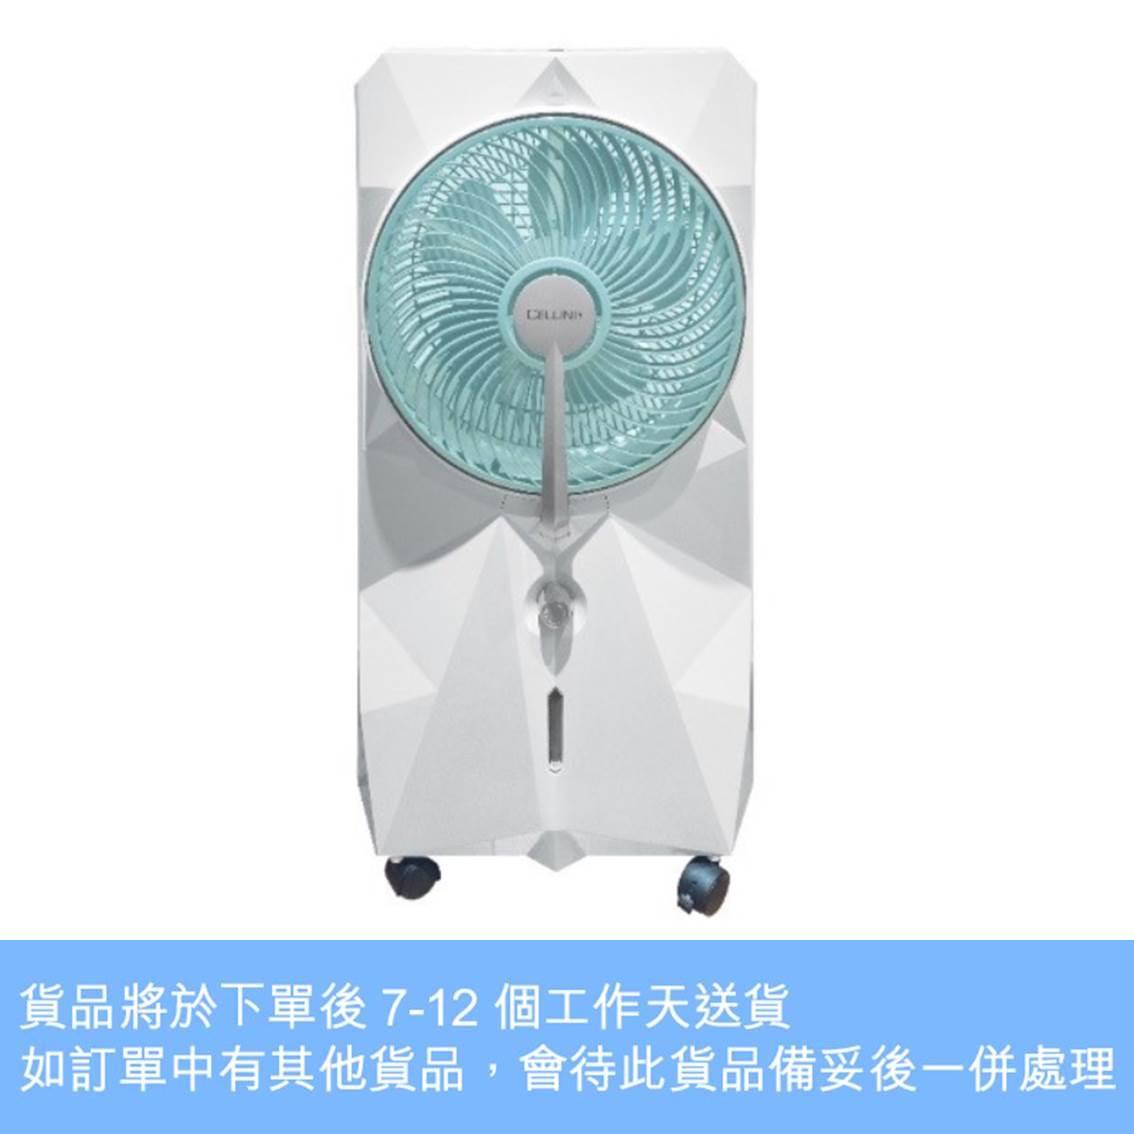 徹里尼負離子空氣淨化功能噴霧風扇(附遙控)